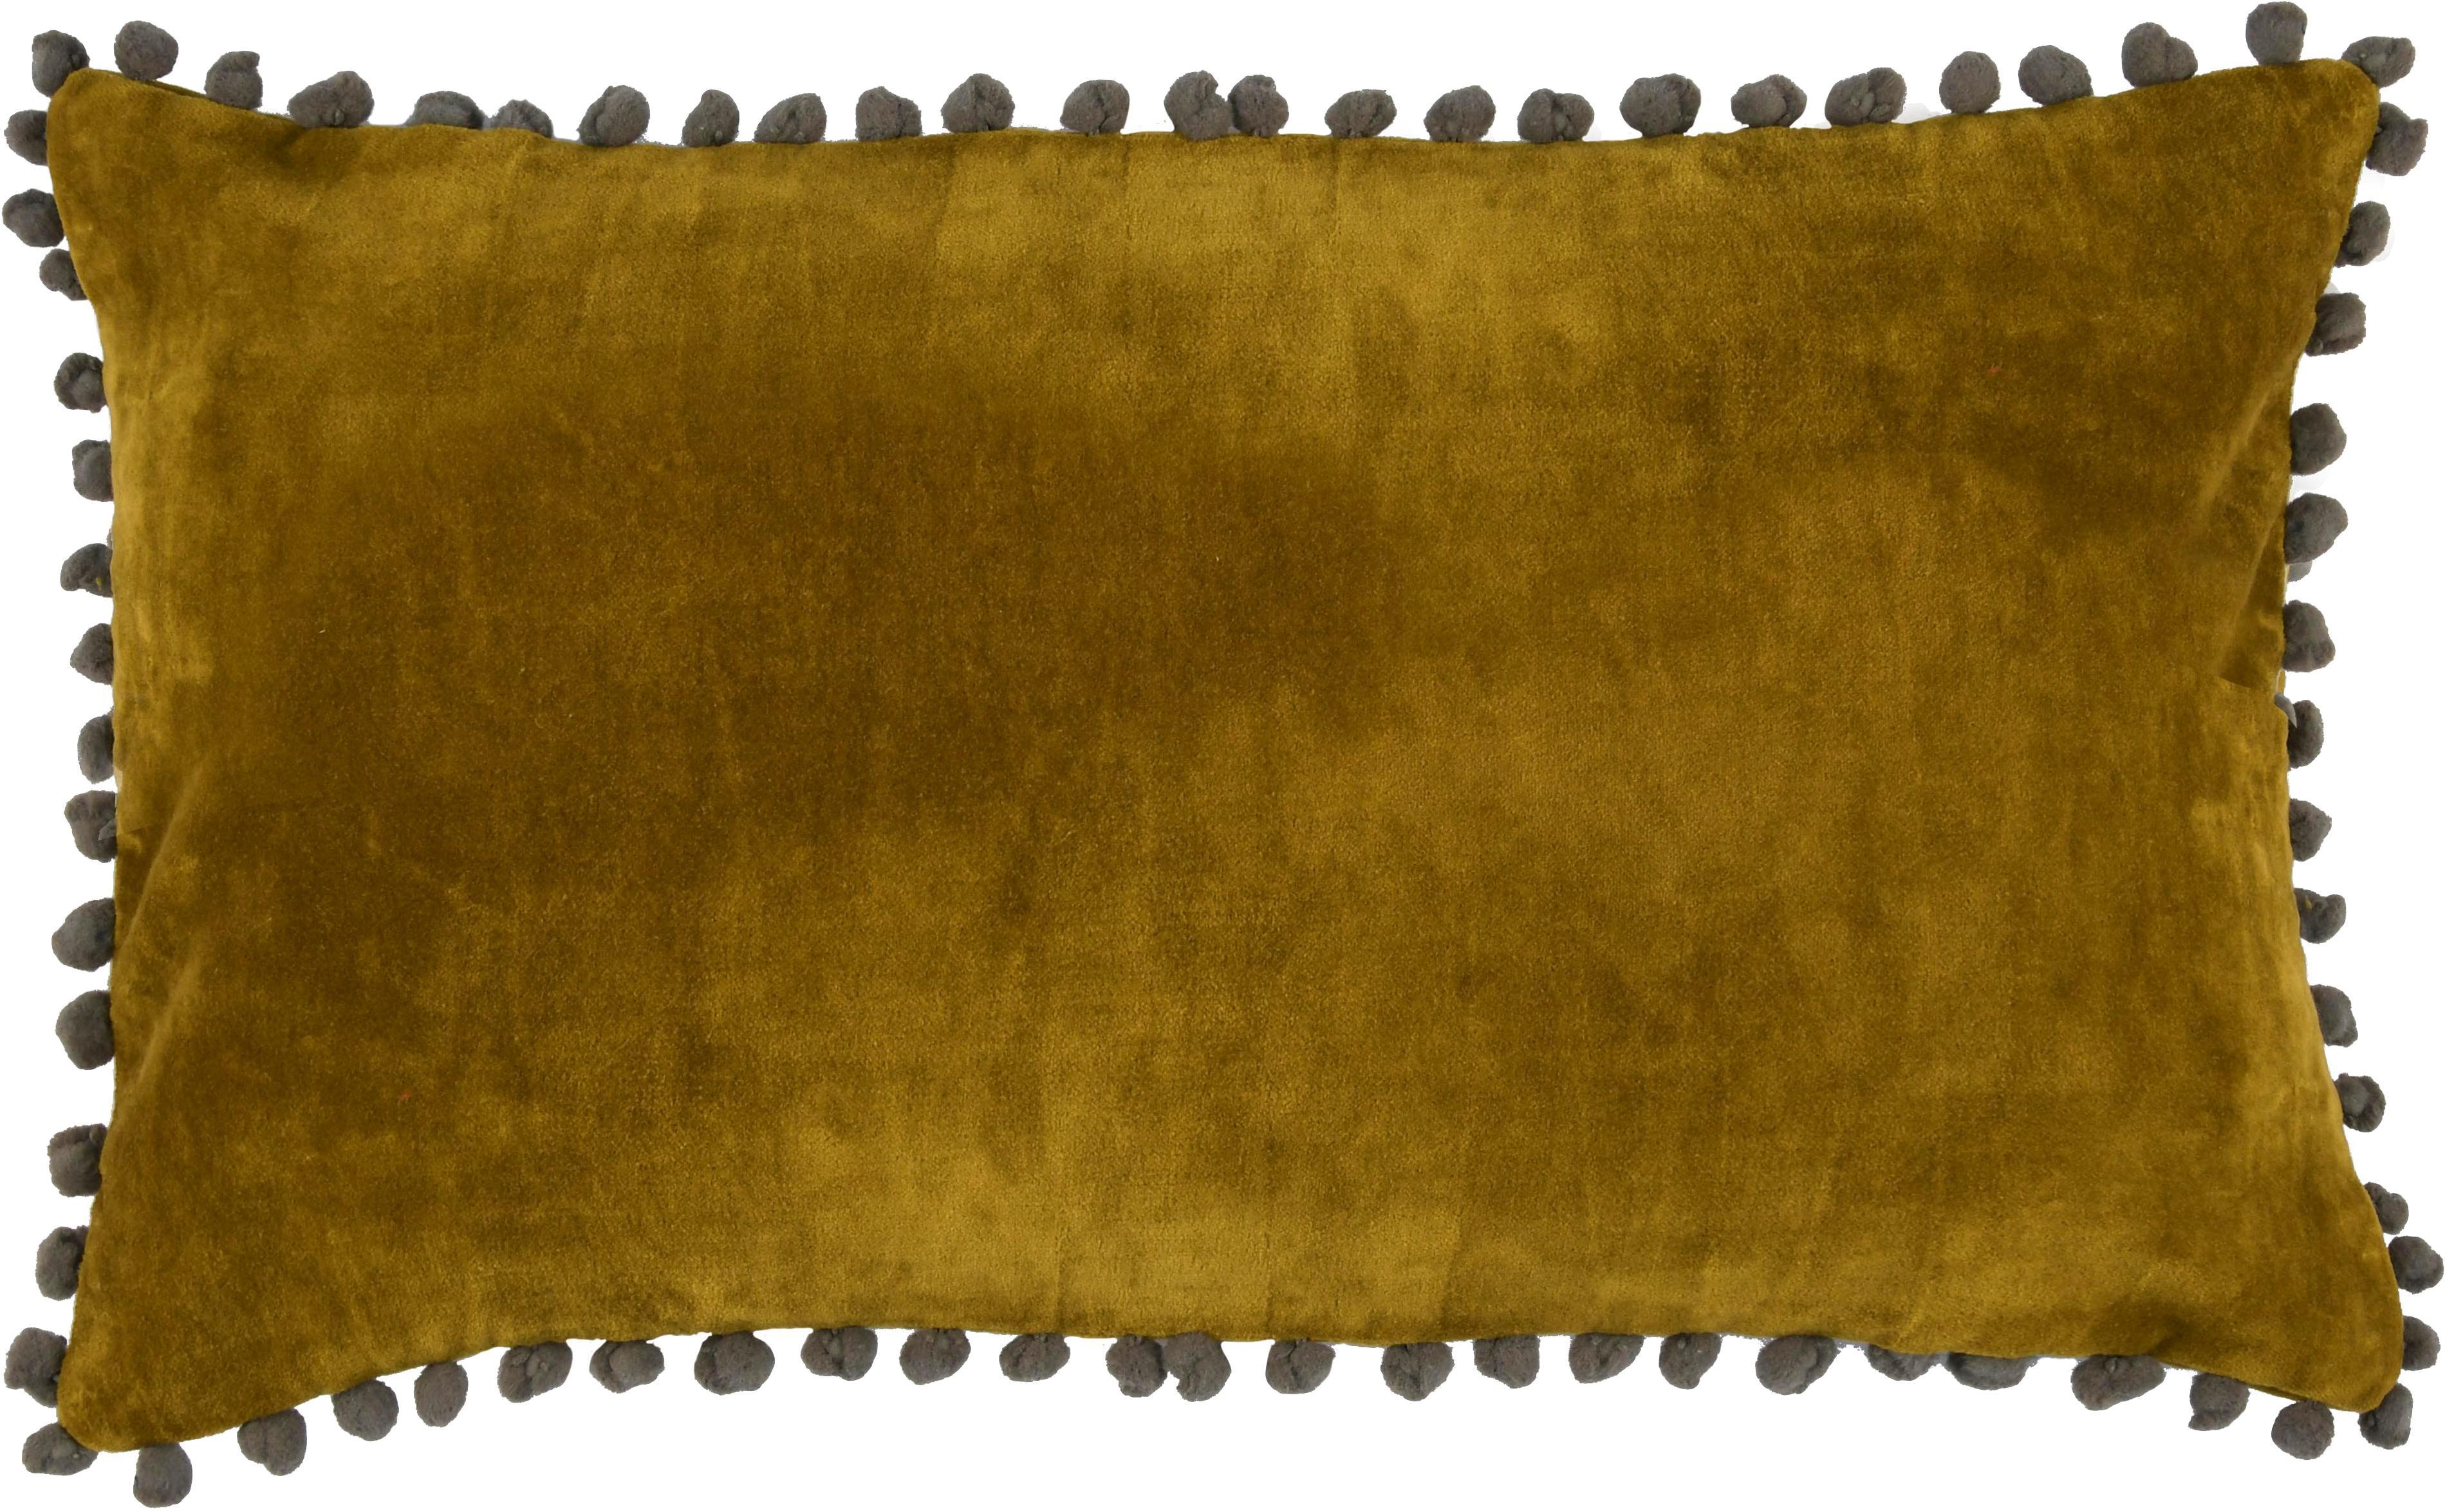 Federa arredo in velluto con pompon Avoriaz, 70% velluto di poliestere, 30% acrilico, Giallo senape, grigio, Larg. 30 x Lung. 50 cm